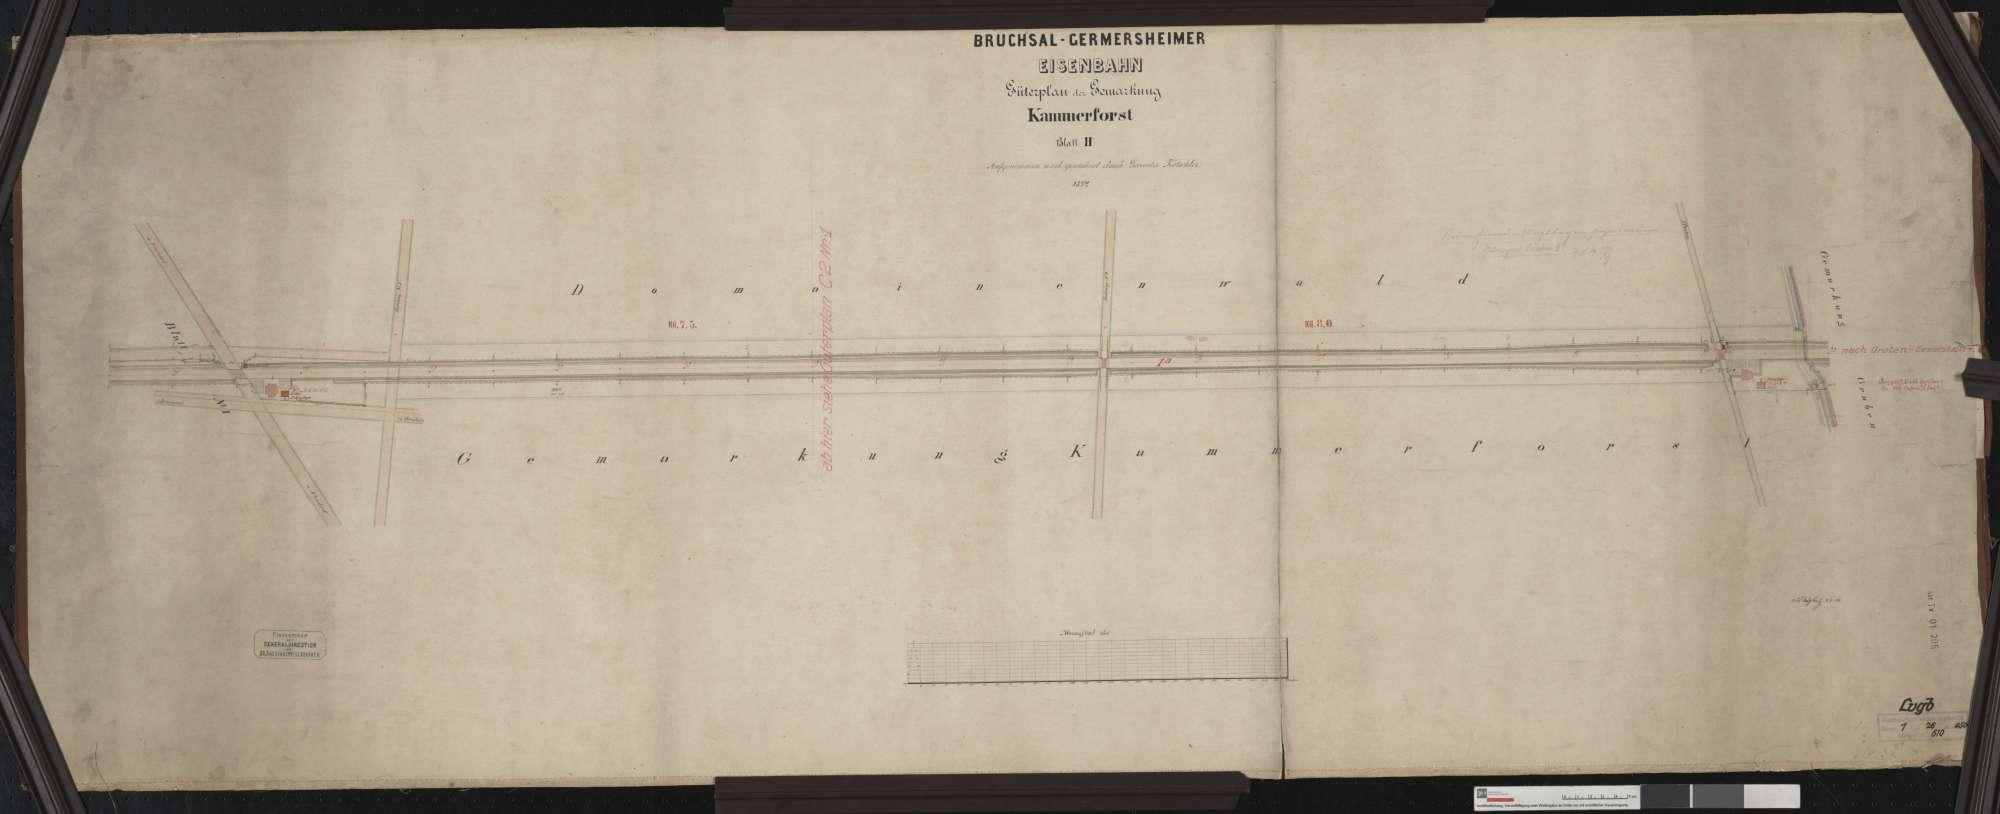 Güterplan der Bahn von Bruchsal bis Germersheim: Gemarkung Kammerforst Streckenausschnitt: 7,1 bis 8,4 km, Bild 1